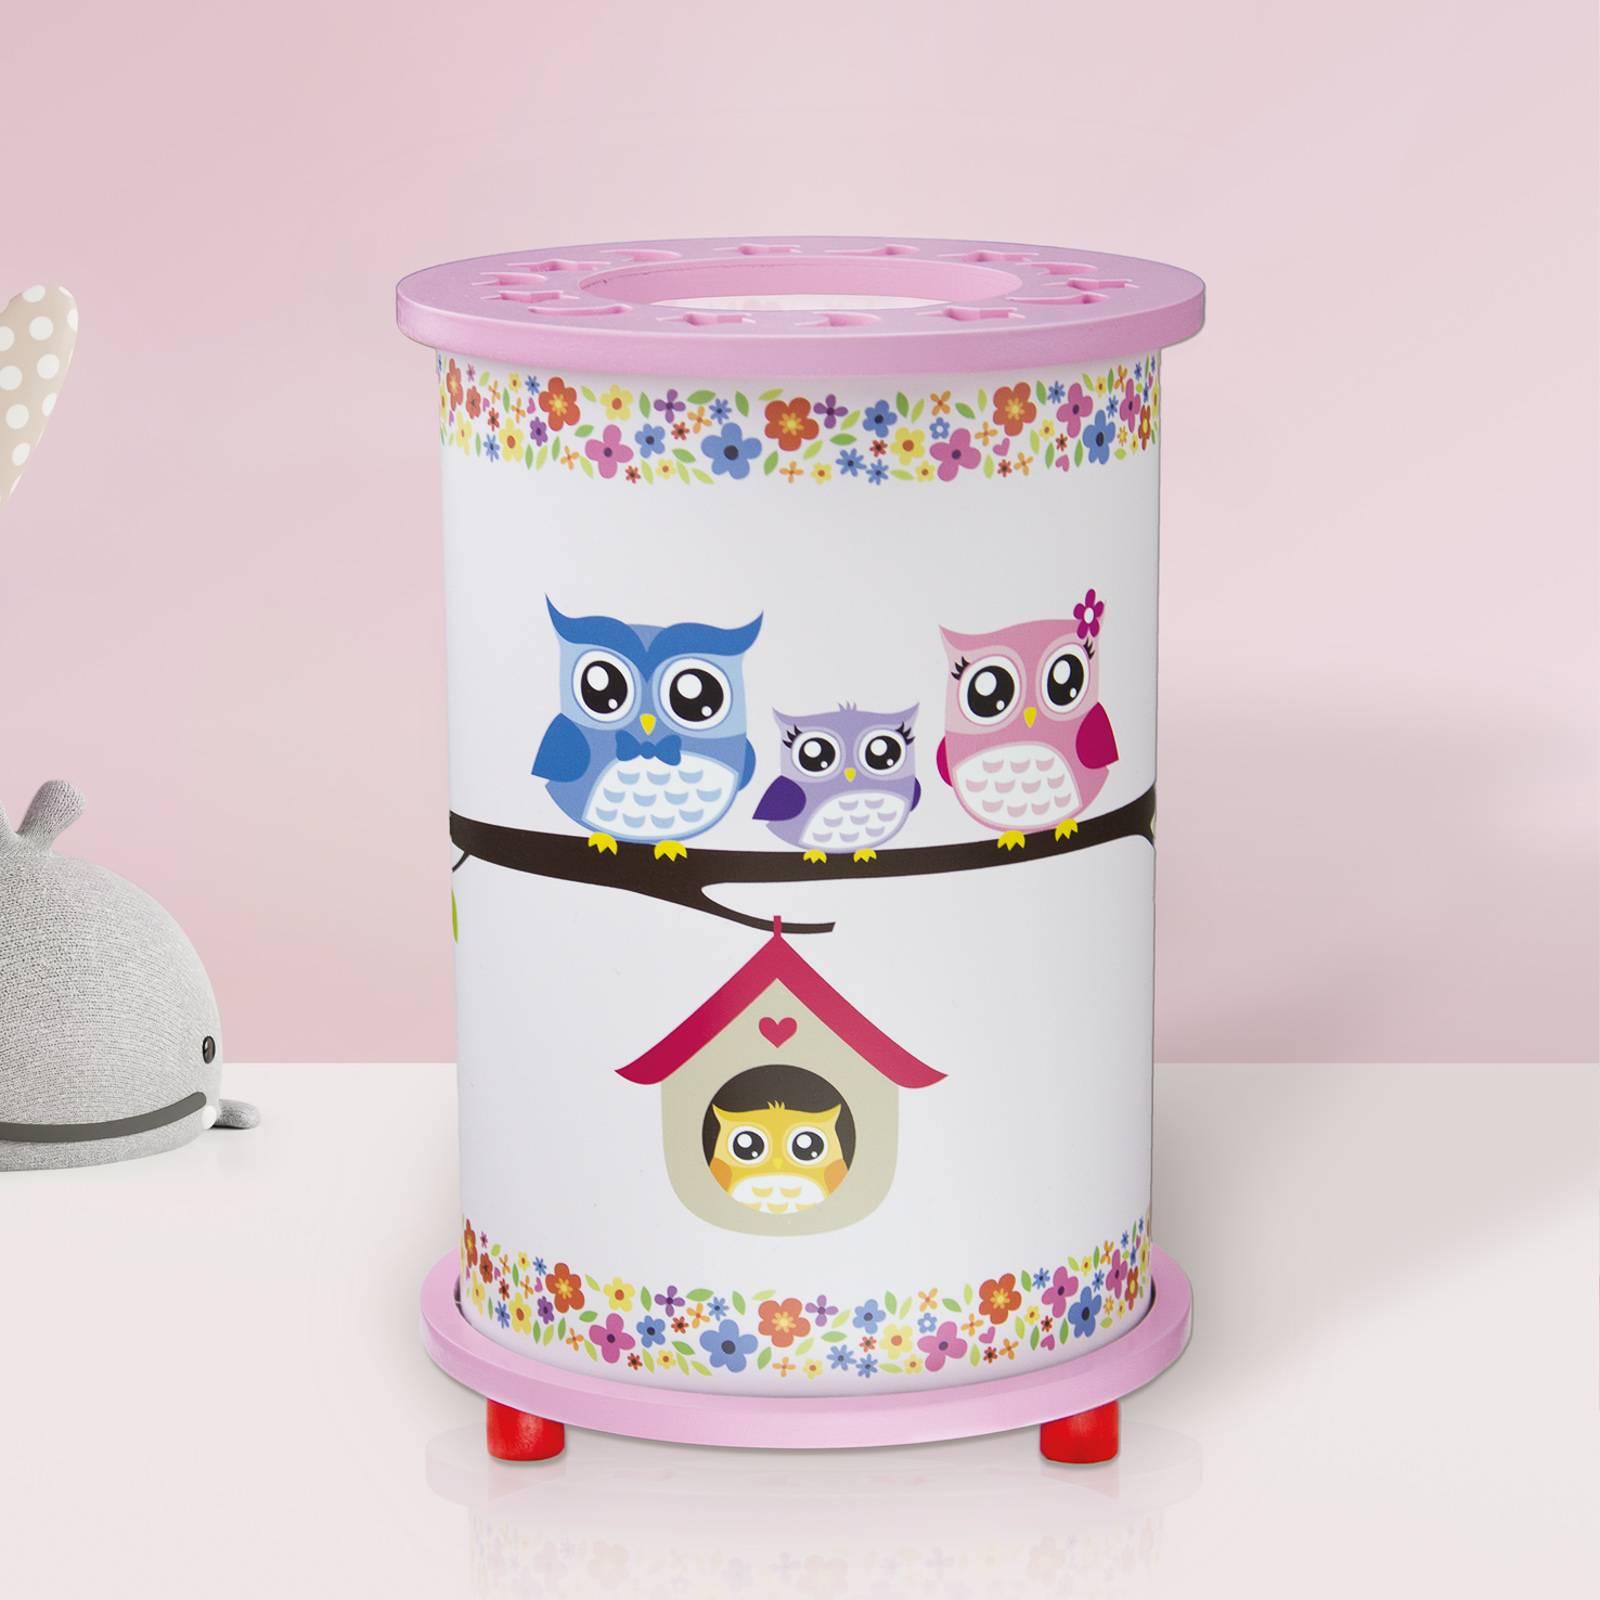 Tischleuchte Eule fürs Kinderzimmer, weiß-rosa